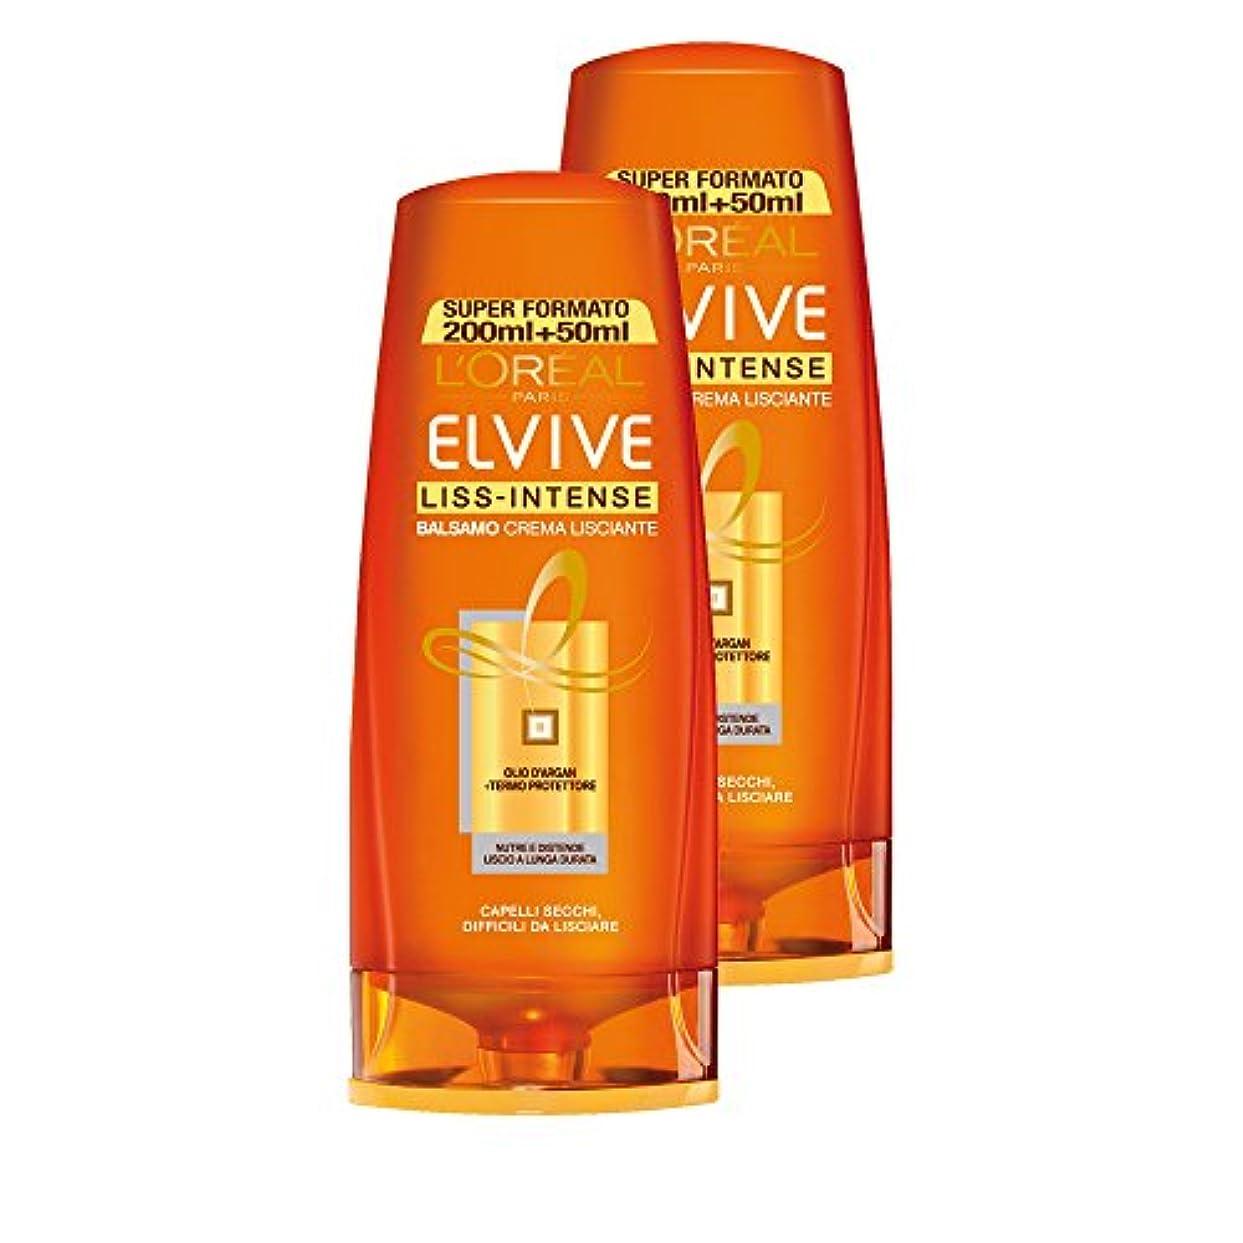 コピーベンチ無限L 'OréalParis Elvive LISS-INTENSEバームクリームヘアサロン乾燥、なめらかにするのが難しい、3パック2 x 250 ml、合計:1500 ml